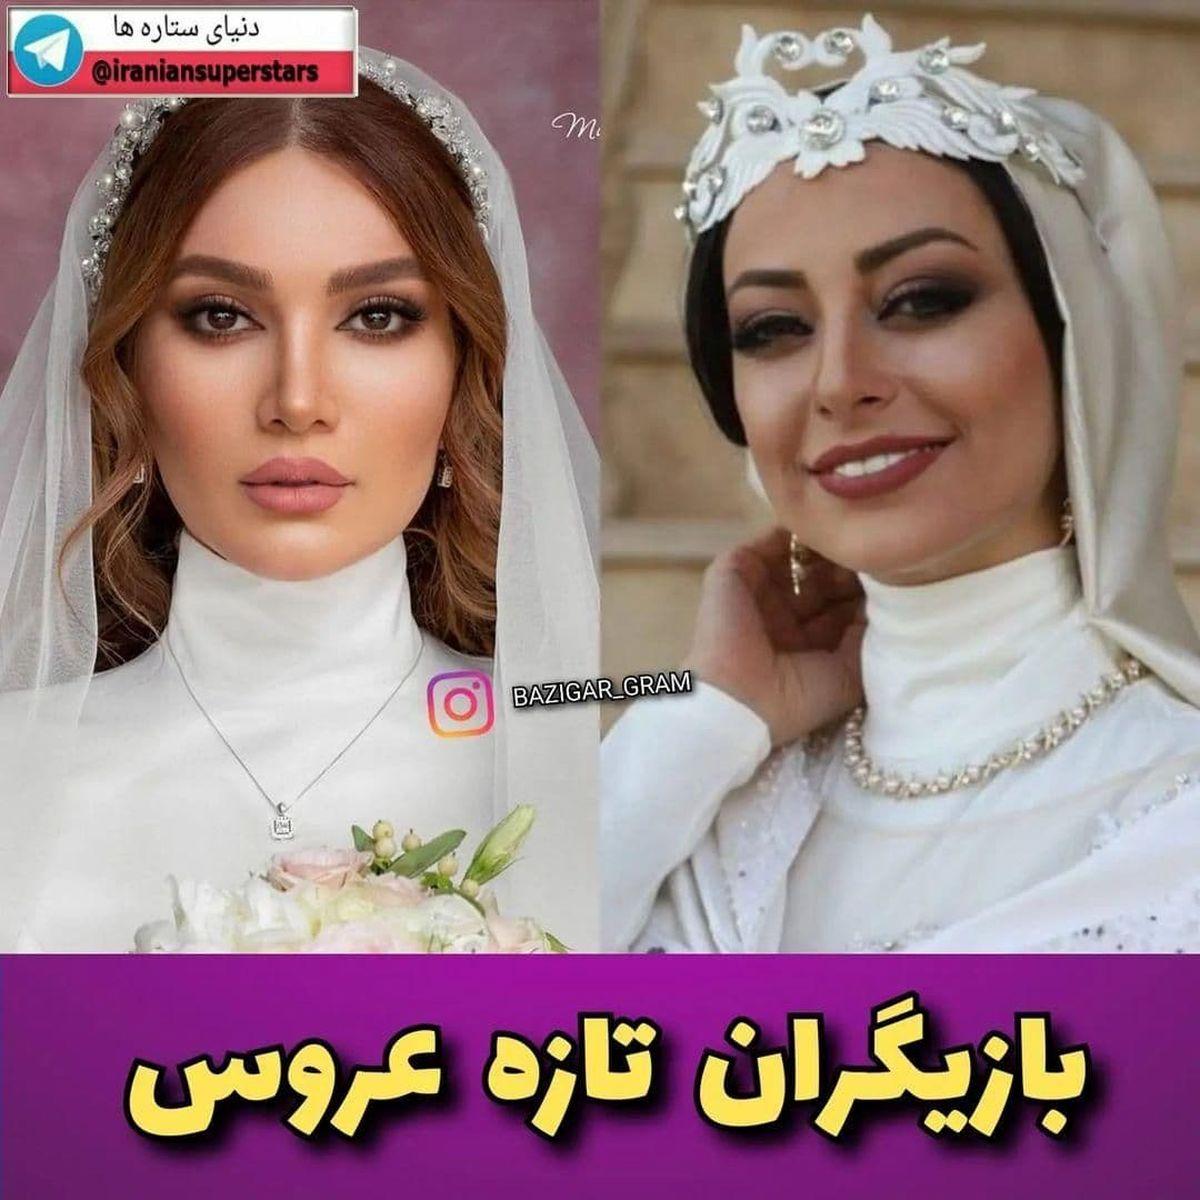 عکسهای جذاب از بازیگران تازه عروس سینمای ایران به همراه همسرانشان